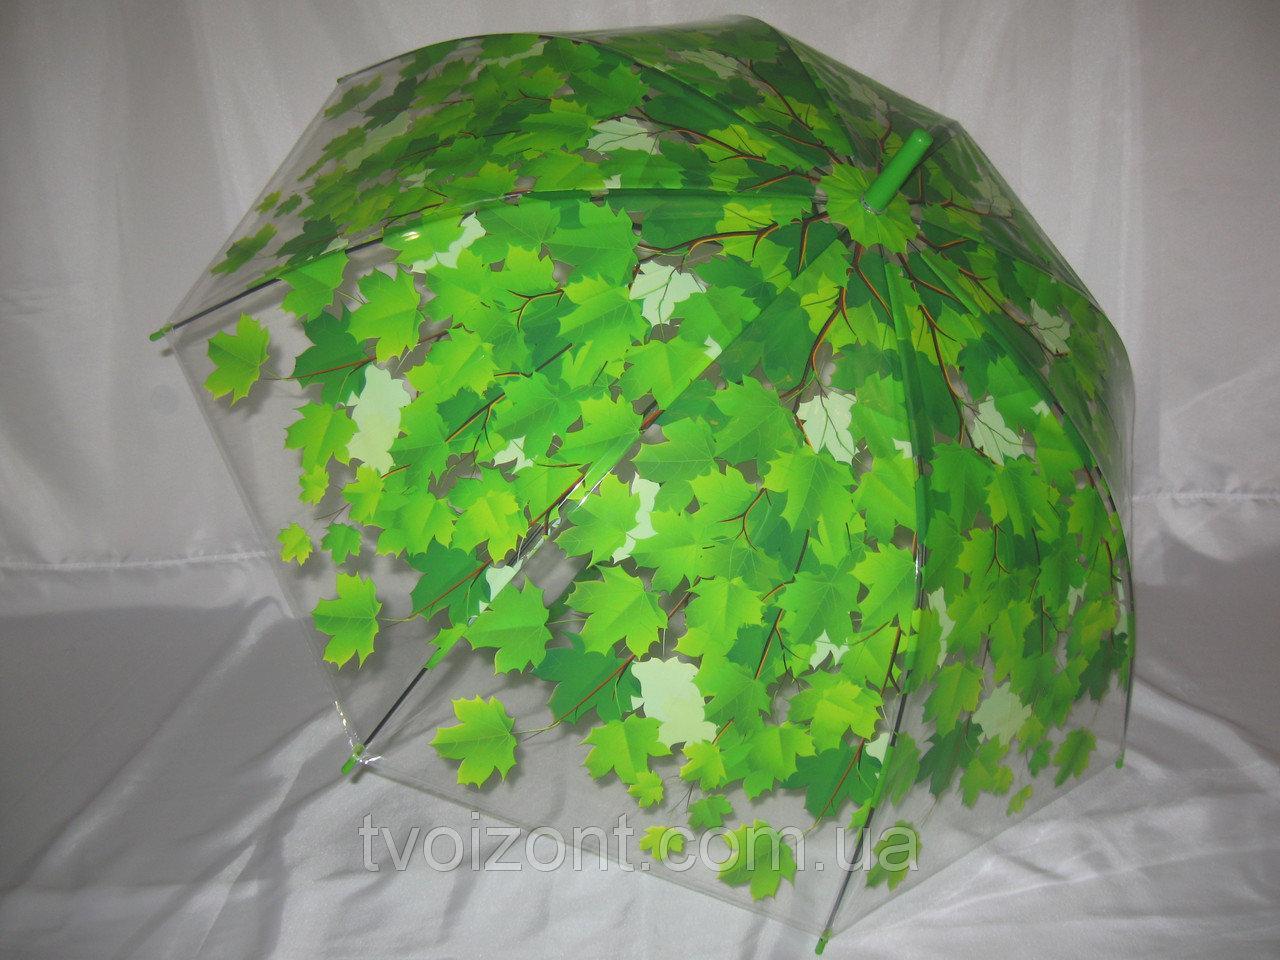 Зонт трость прозрачный глубокий зеленые листья